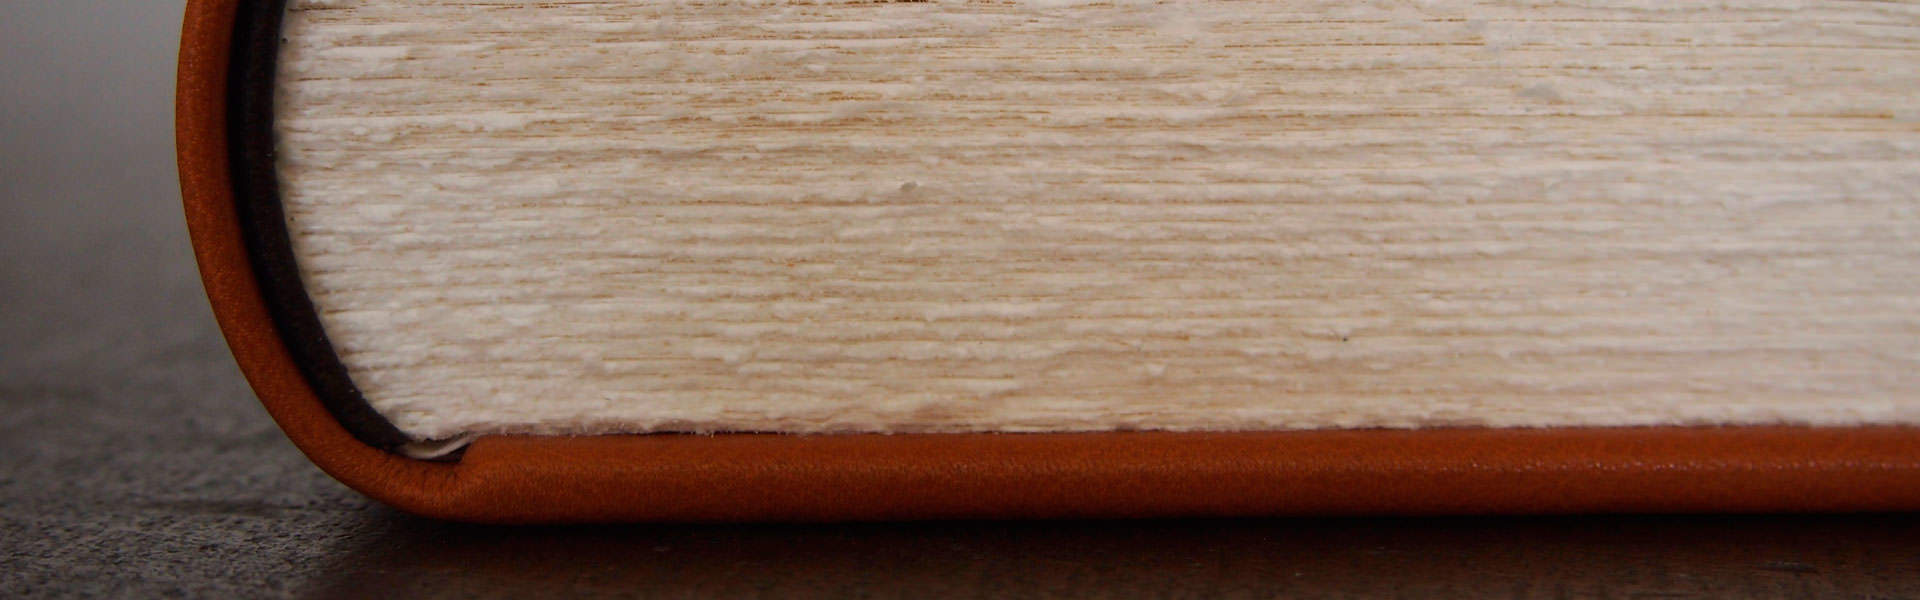 Lederband mit Ebarbeschnitt - Buchbinderei Papierhandwerk